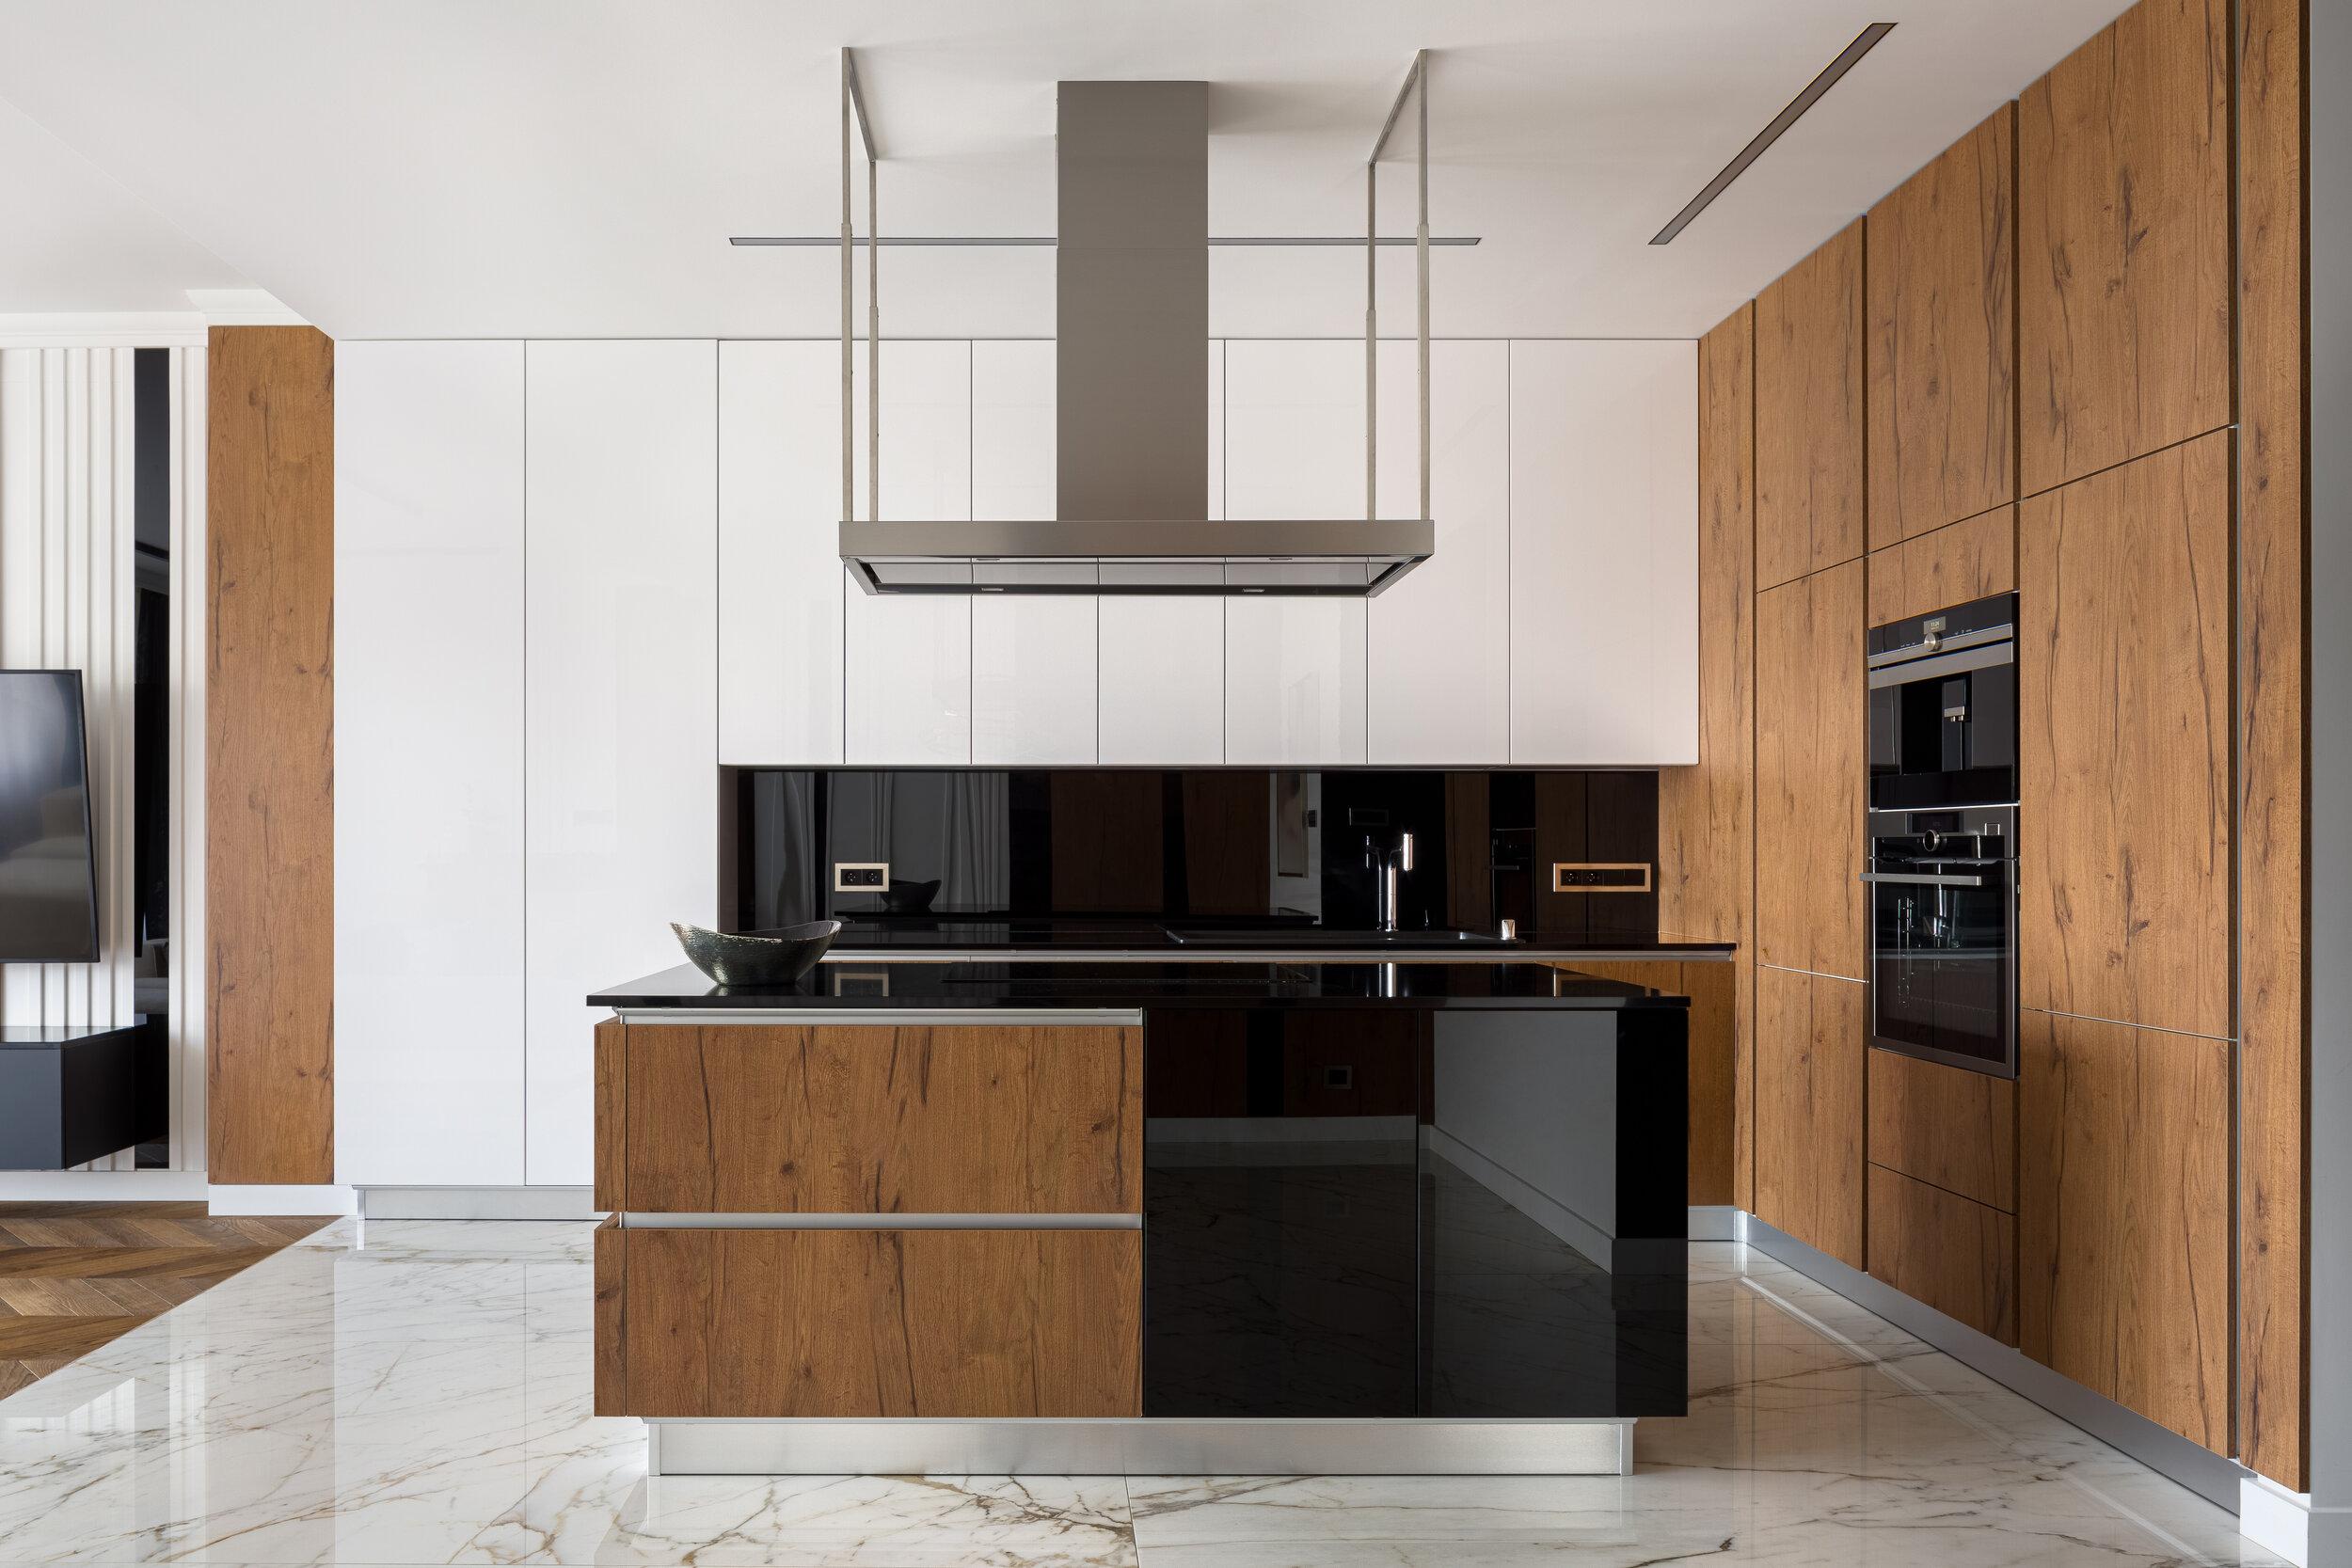 kitchen-remodel-miami-kitchen-remodeling-companies-miami